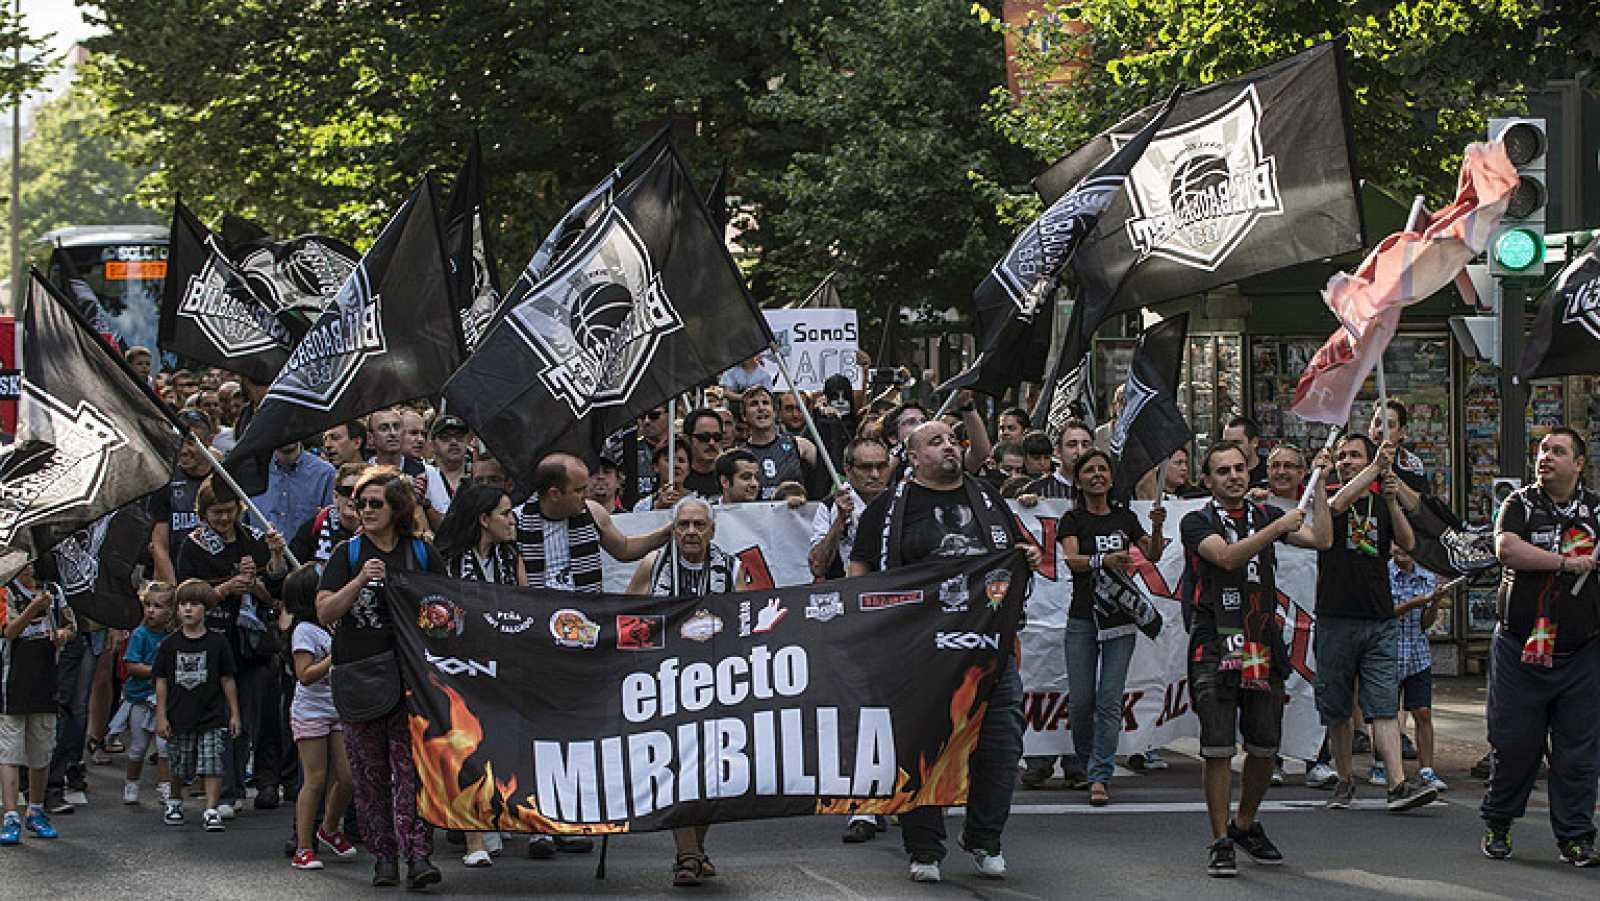 El Tribunal de Arbitraje Deportivo ha otorgado la cautelar al Bilbao Basket, por lo que podrá inscribirse en la Liga Endesa. La ACB recurrirá a la Audiencia Nacional.